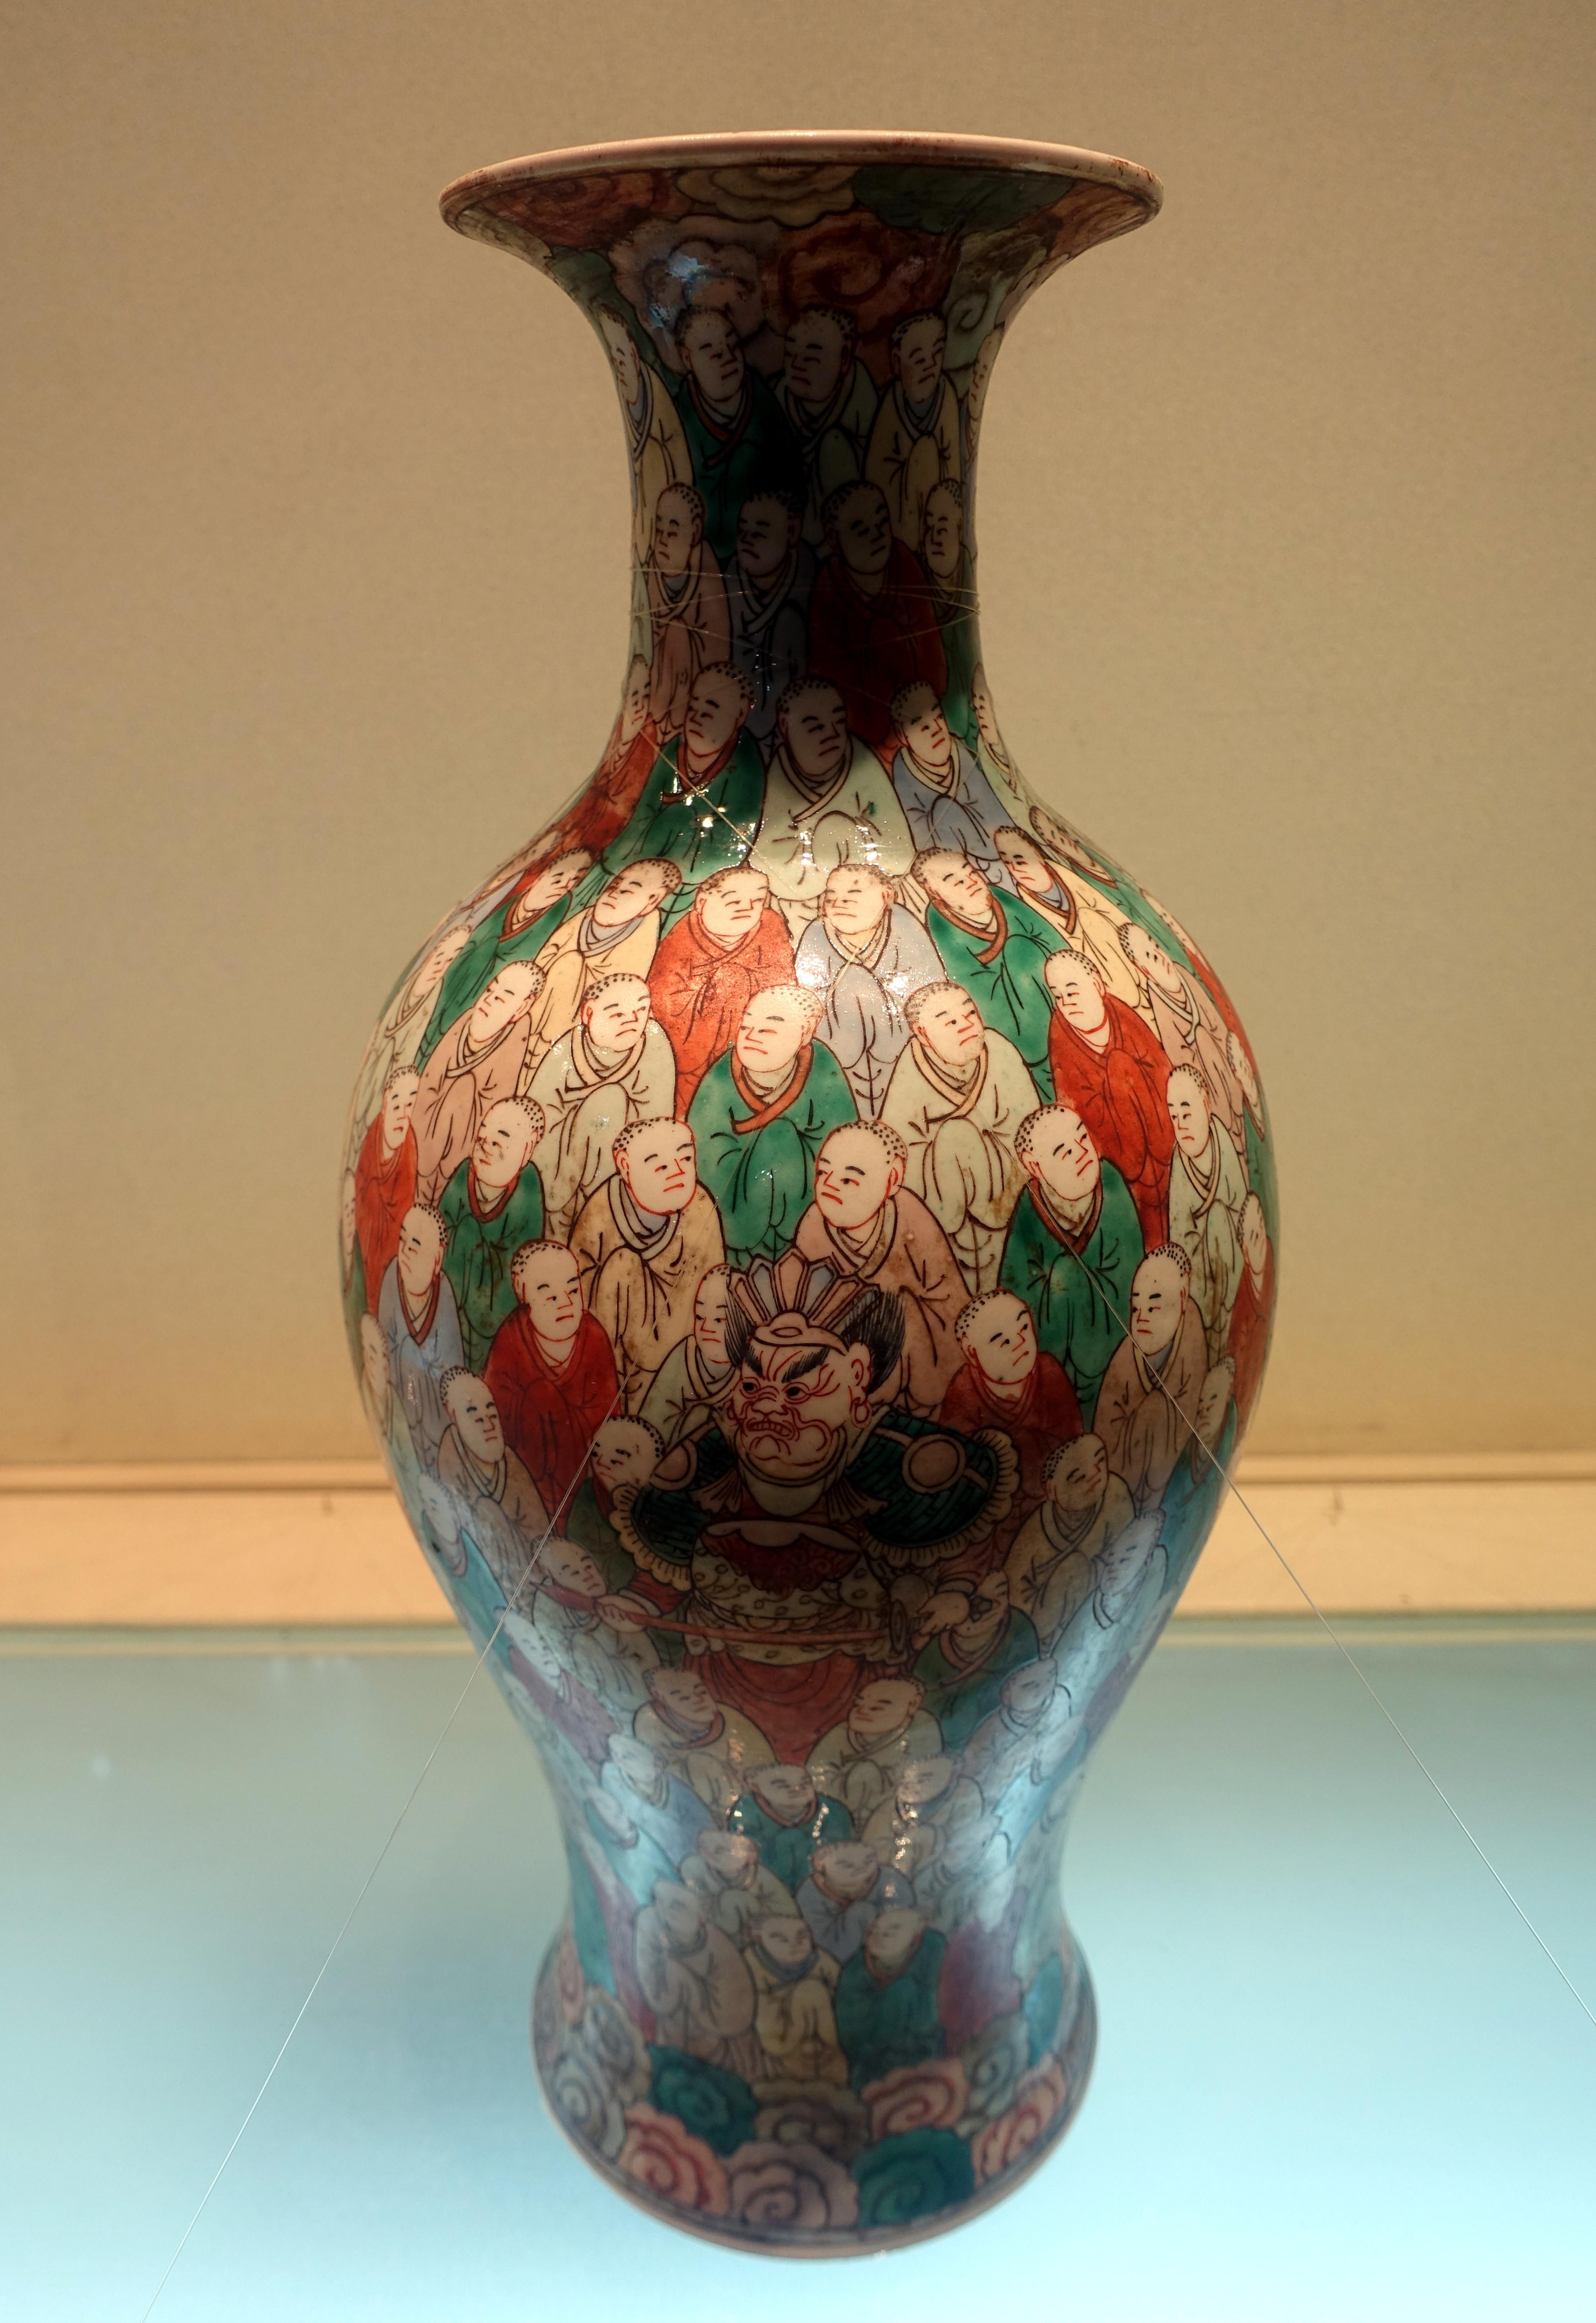 antique ceramic vases of filevase sichuan university museum chengdu china dsc06271 with filevase sichuan university museum chengdu china dsc06271